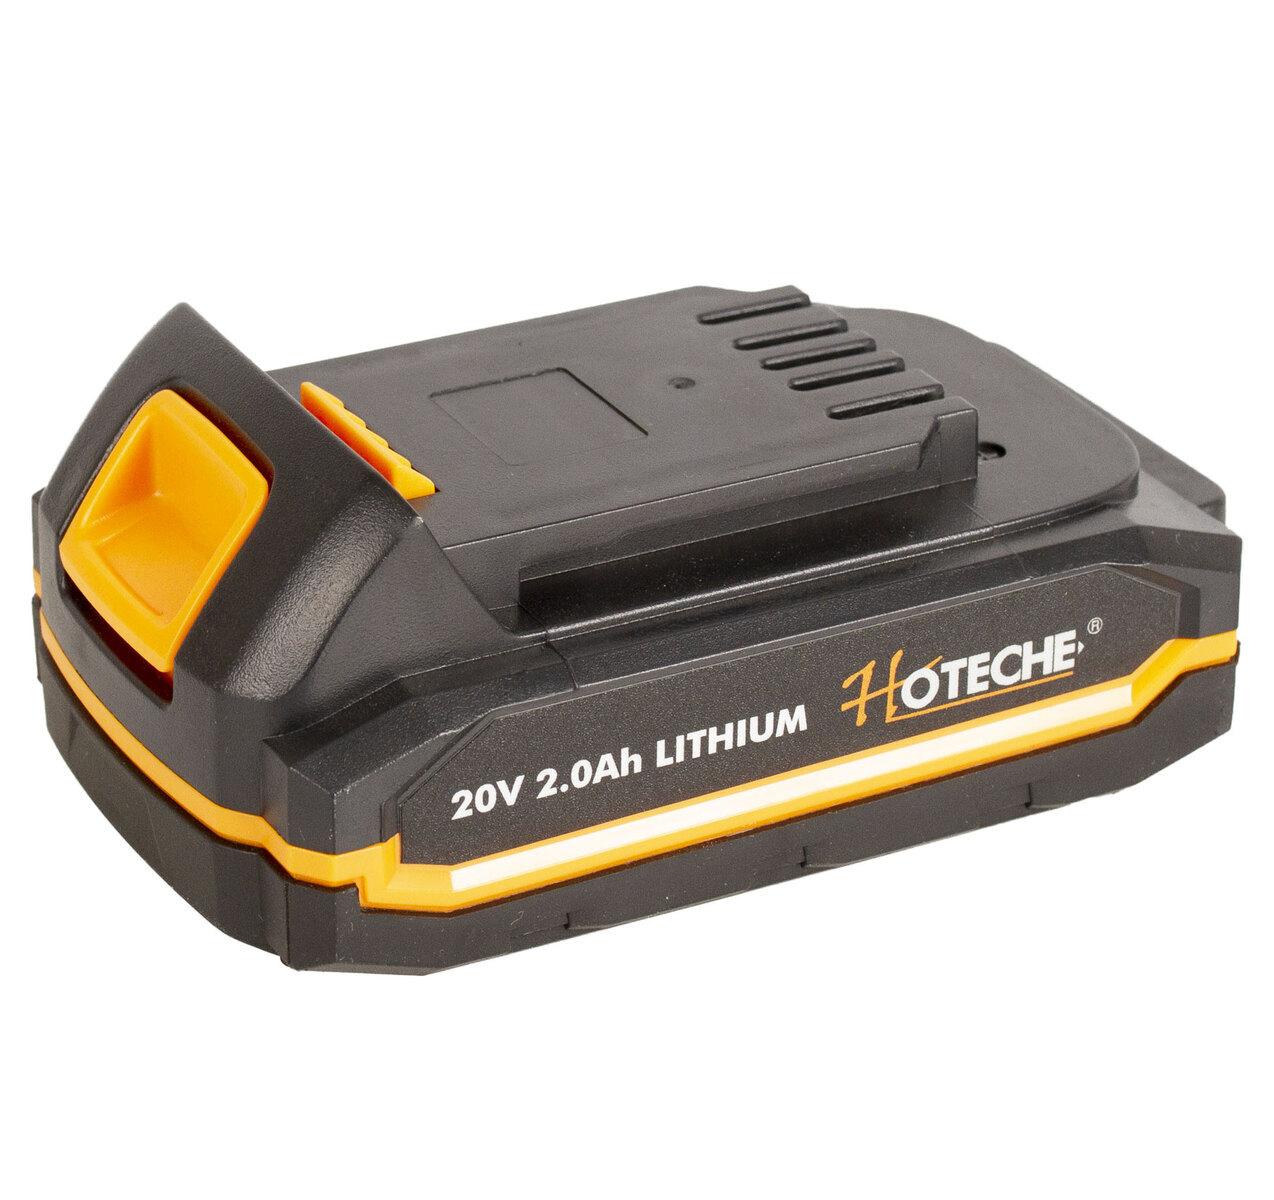 Náhradní baterie 2 Ah 20 V Li-ion, pro aku nářadí - HOTECHE